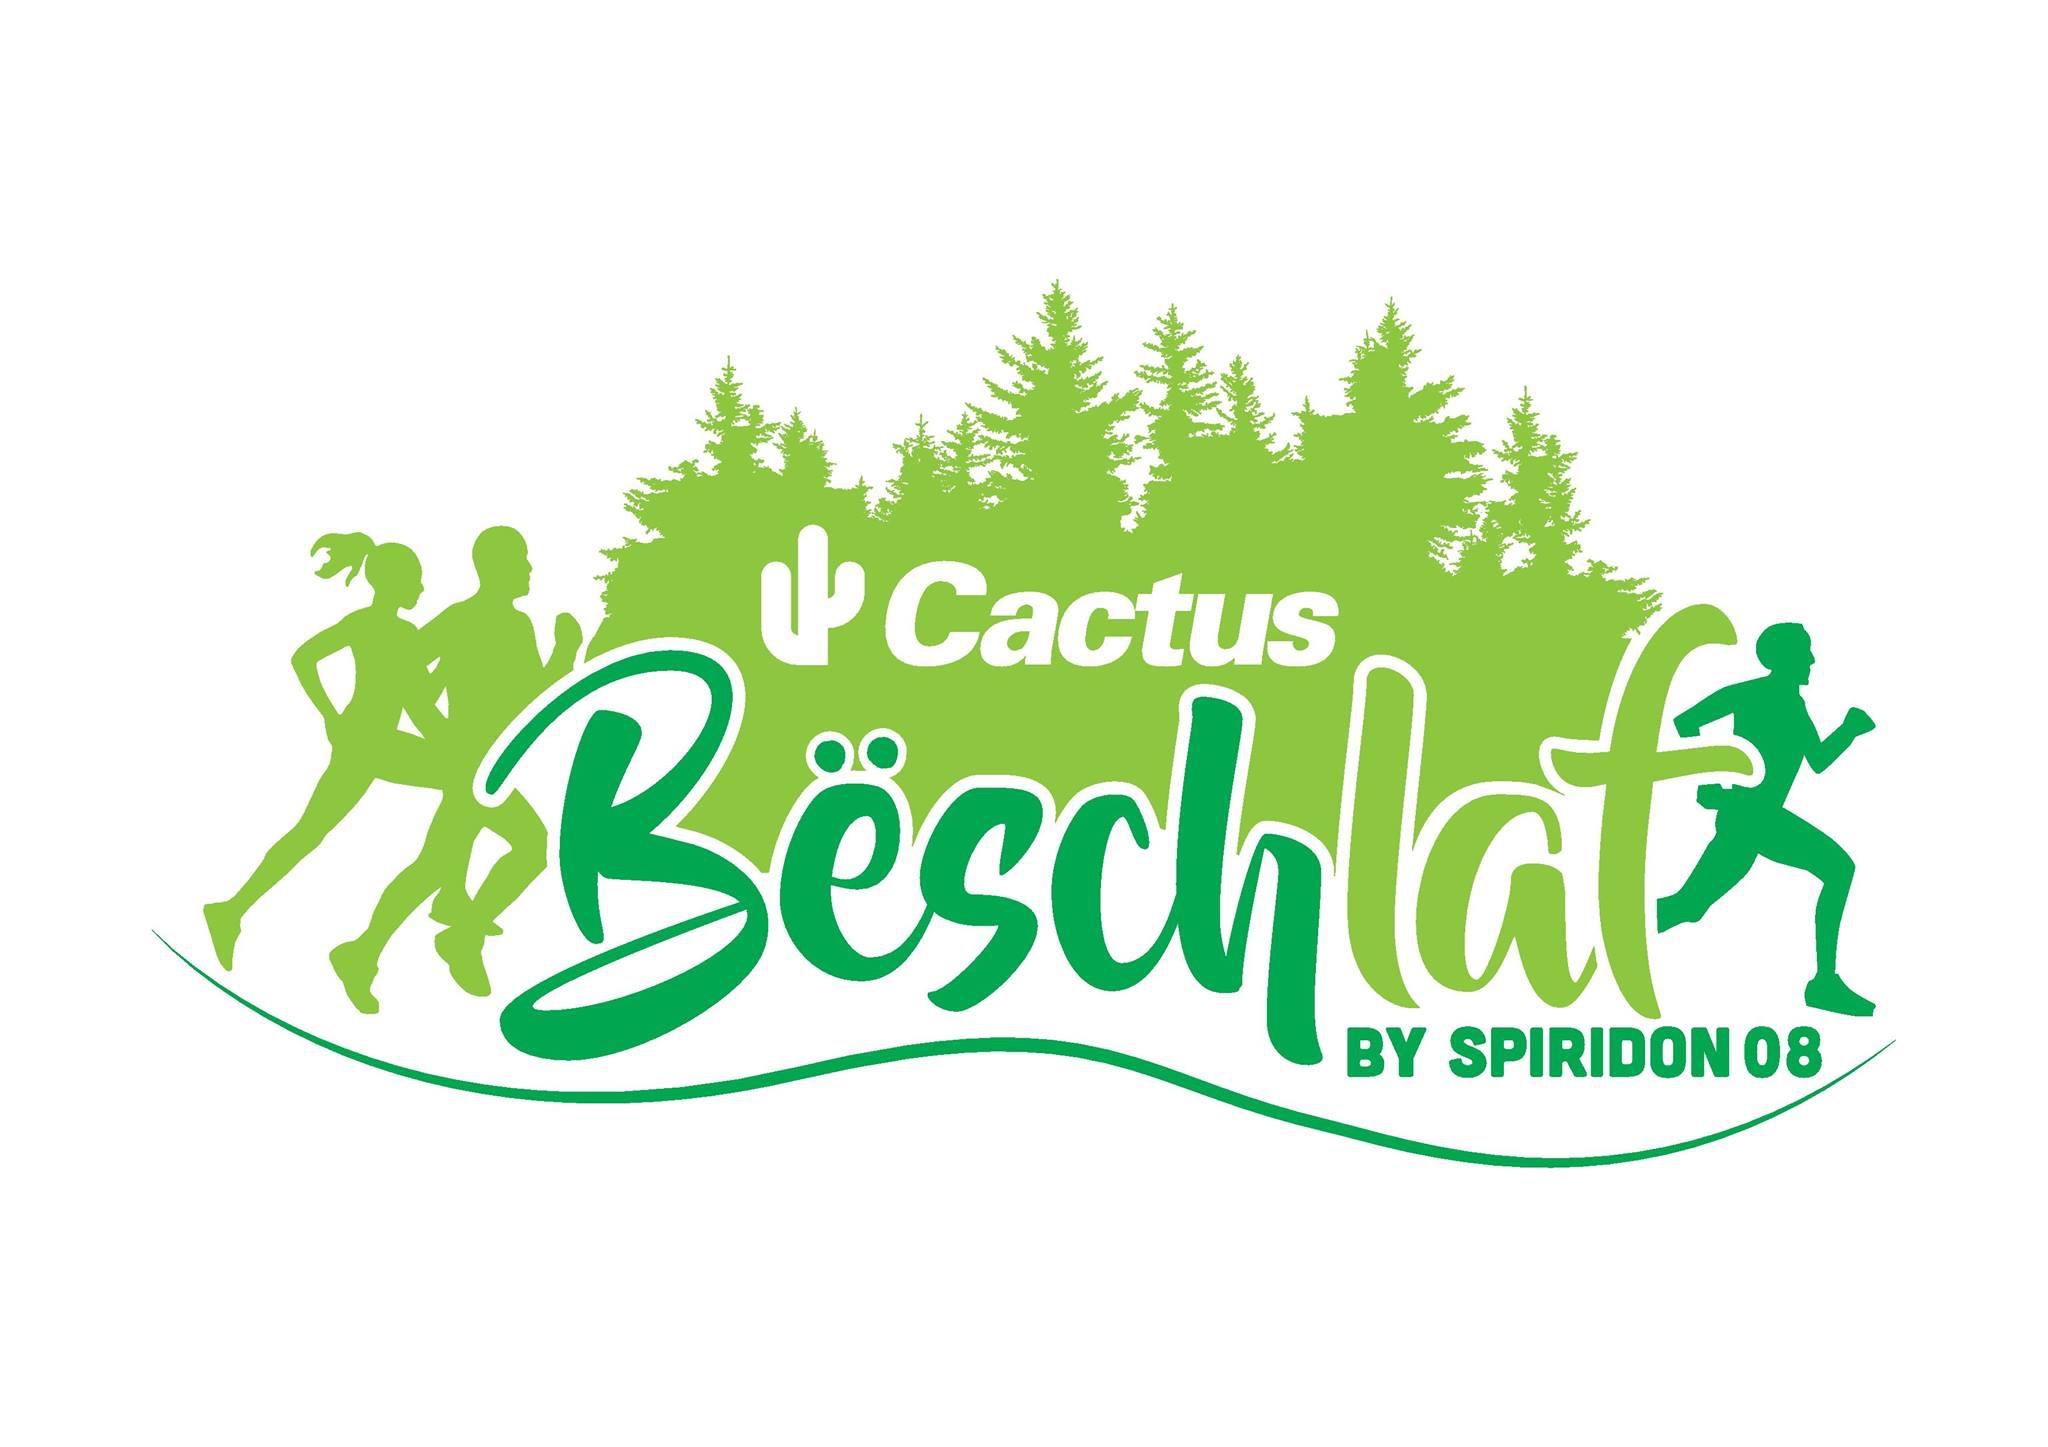 Cactus Beschlaf - bientôt la fin des pré-inscriptions!